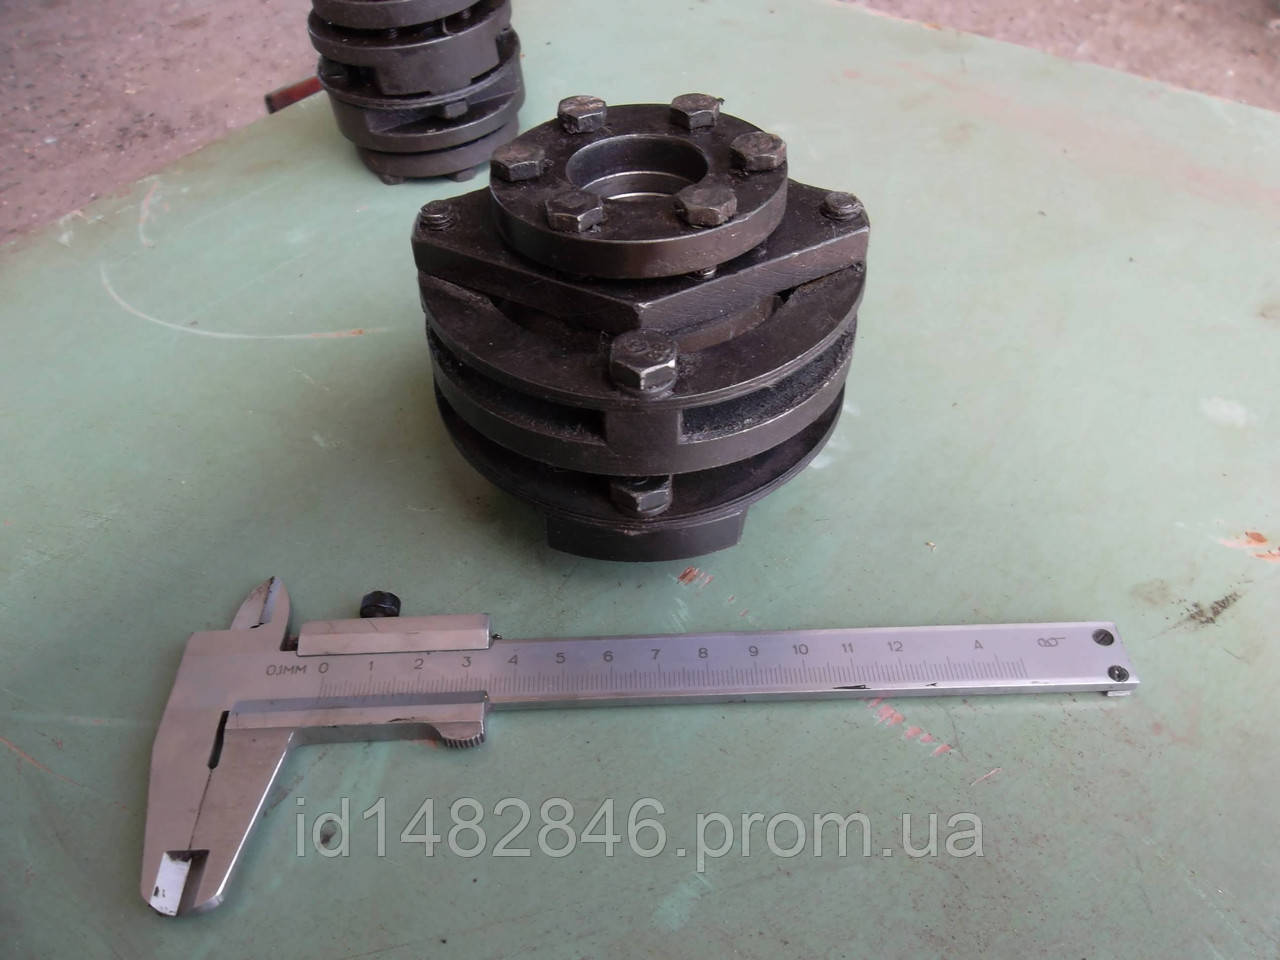 Сервомуфта Сельфонная 28х35 mm